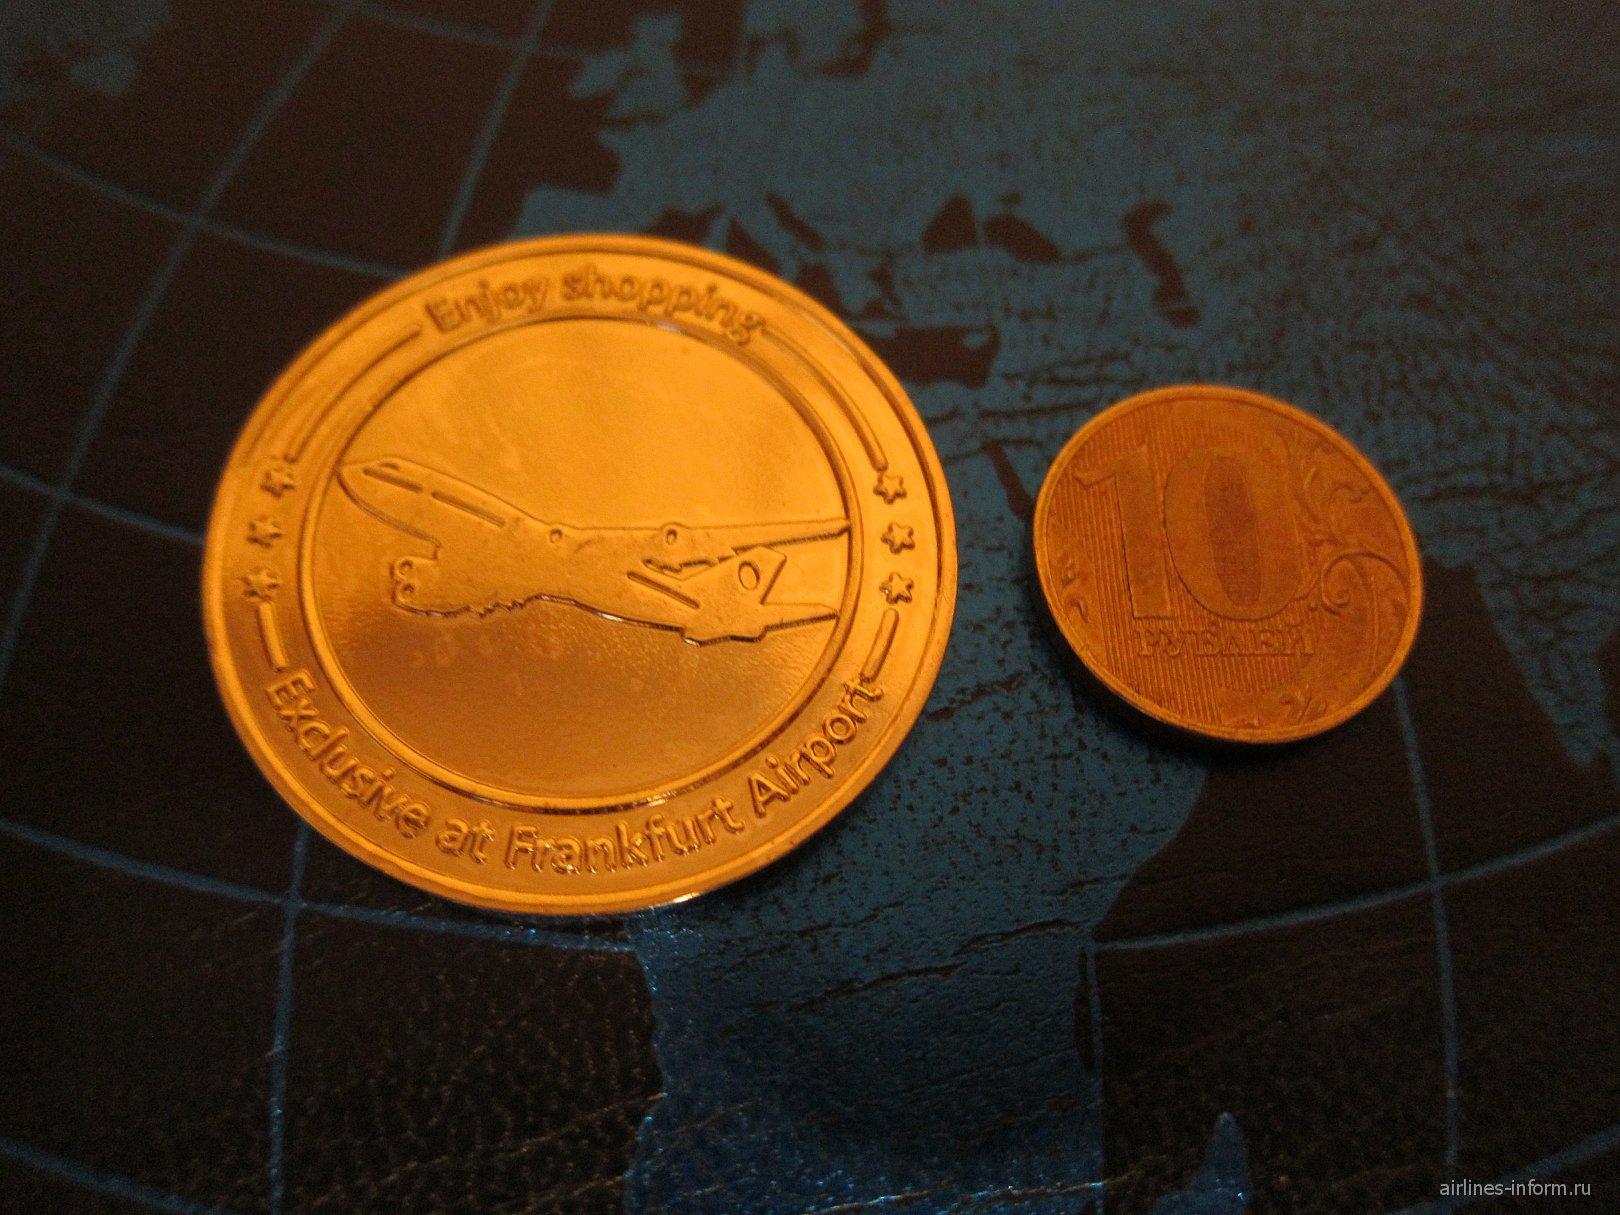 Монета с символикой аэропорта Франкфурт